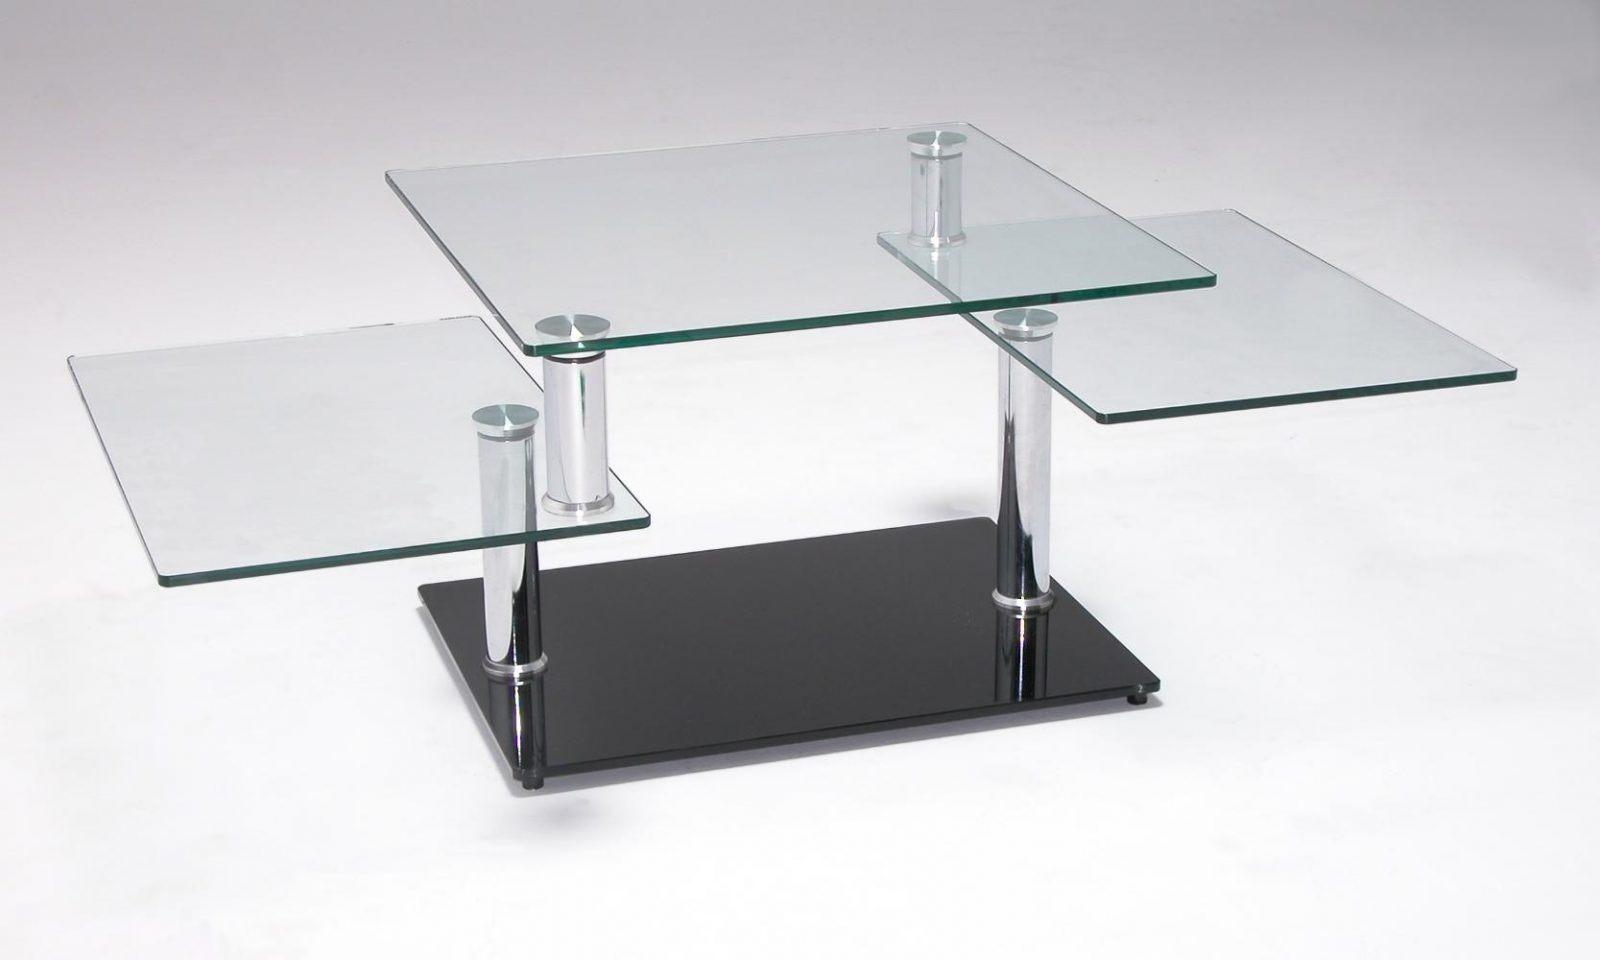 Mesa de centro moderna de vidro fotos e imagens for Mesas de centro pequenas